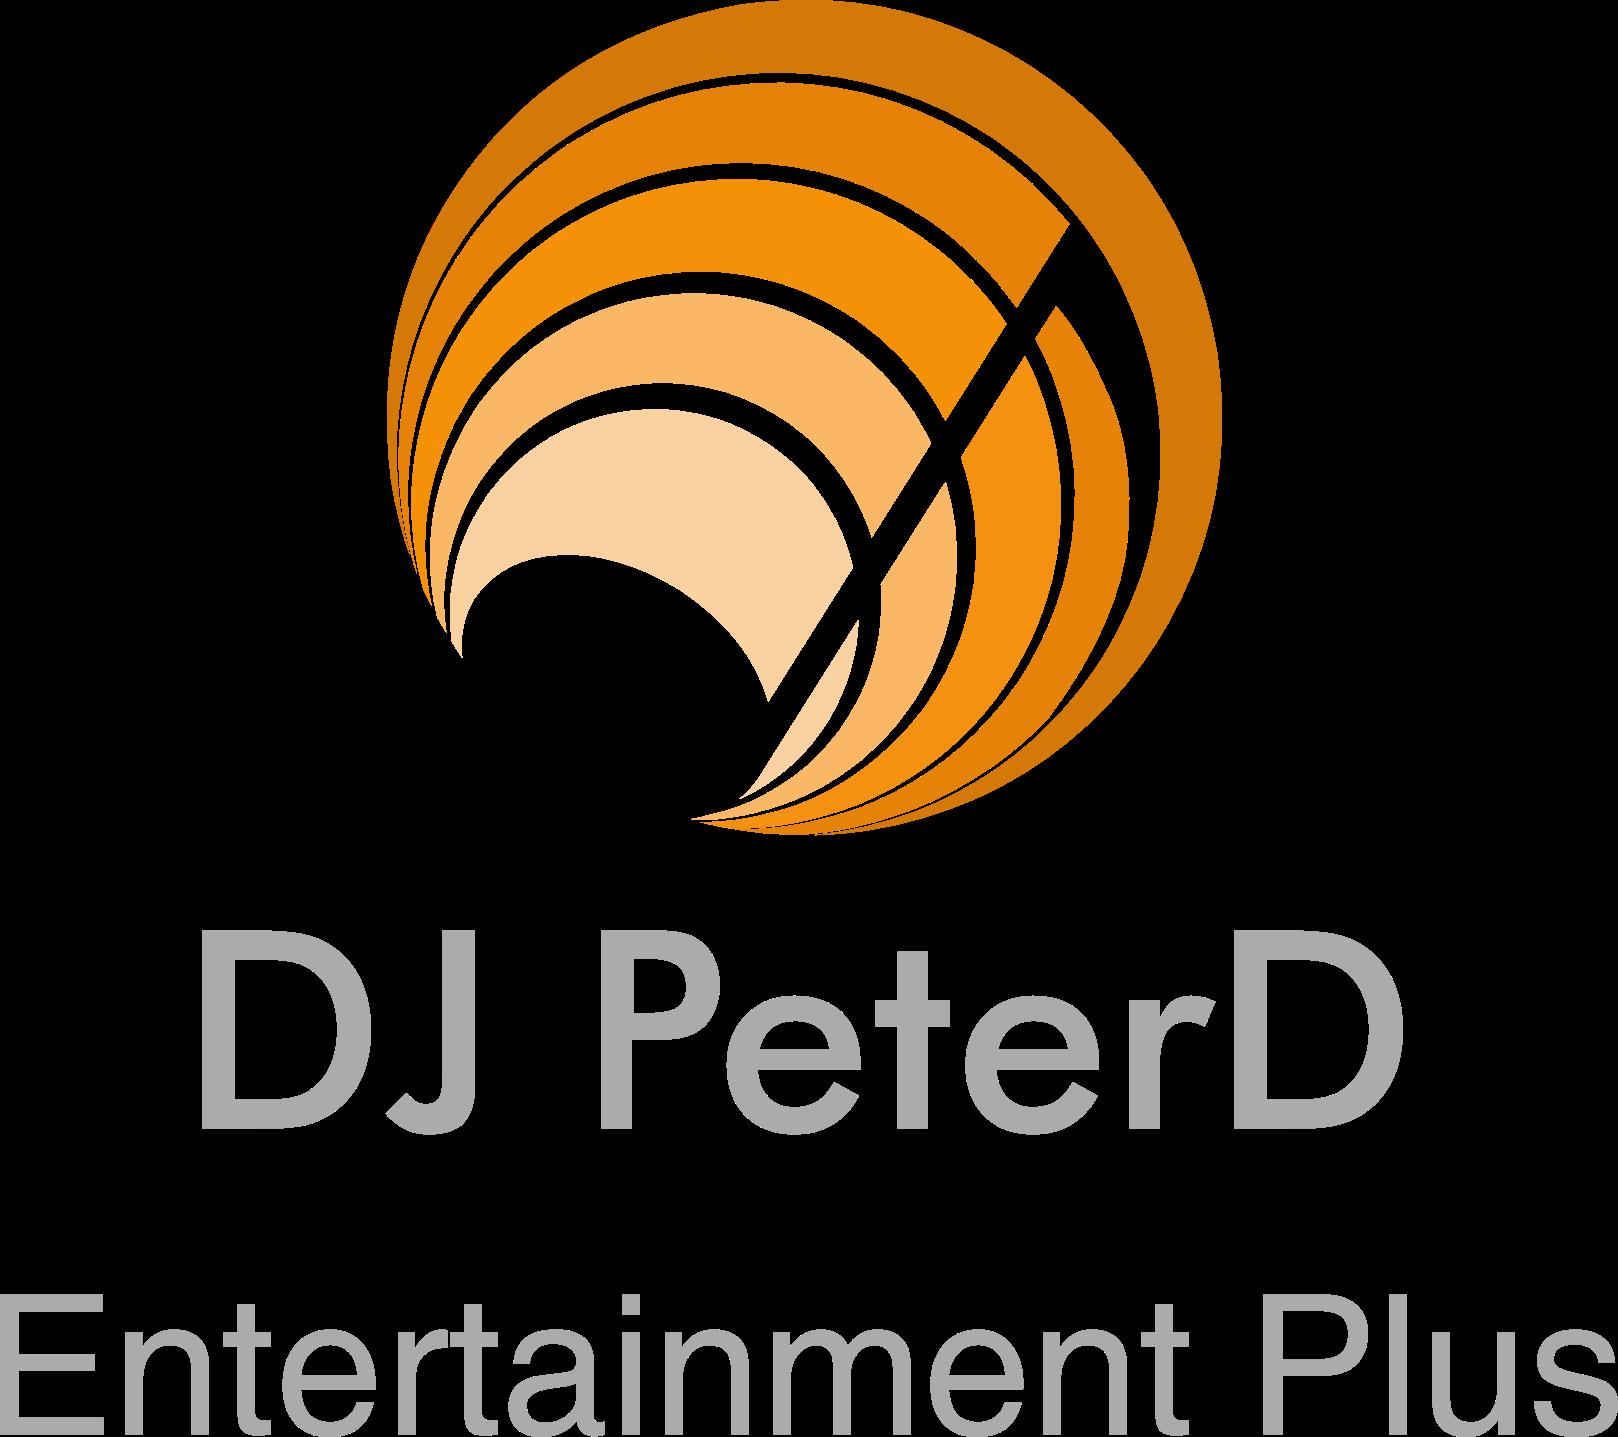 dj-peterd-entertainer.png